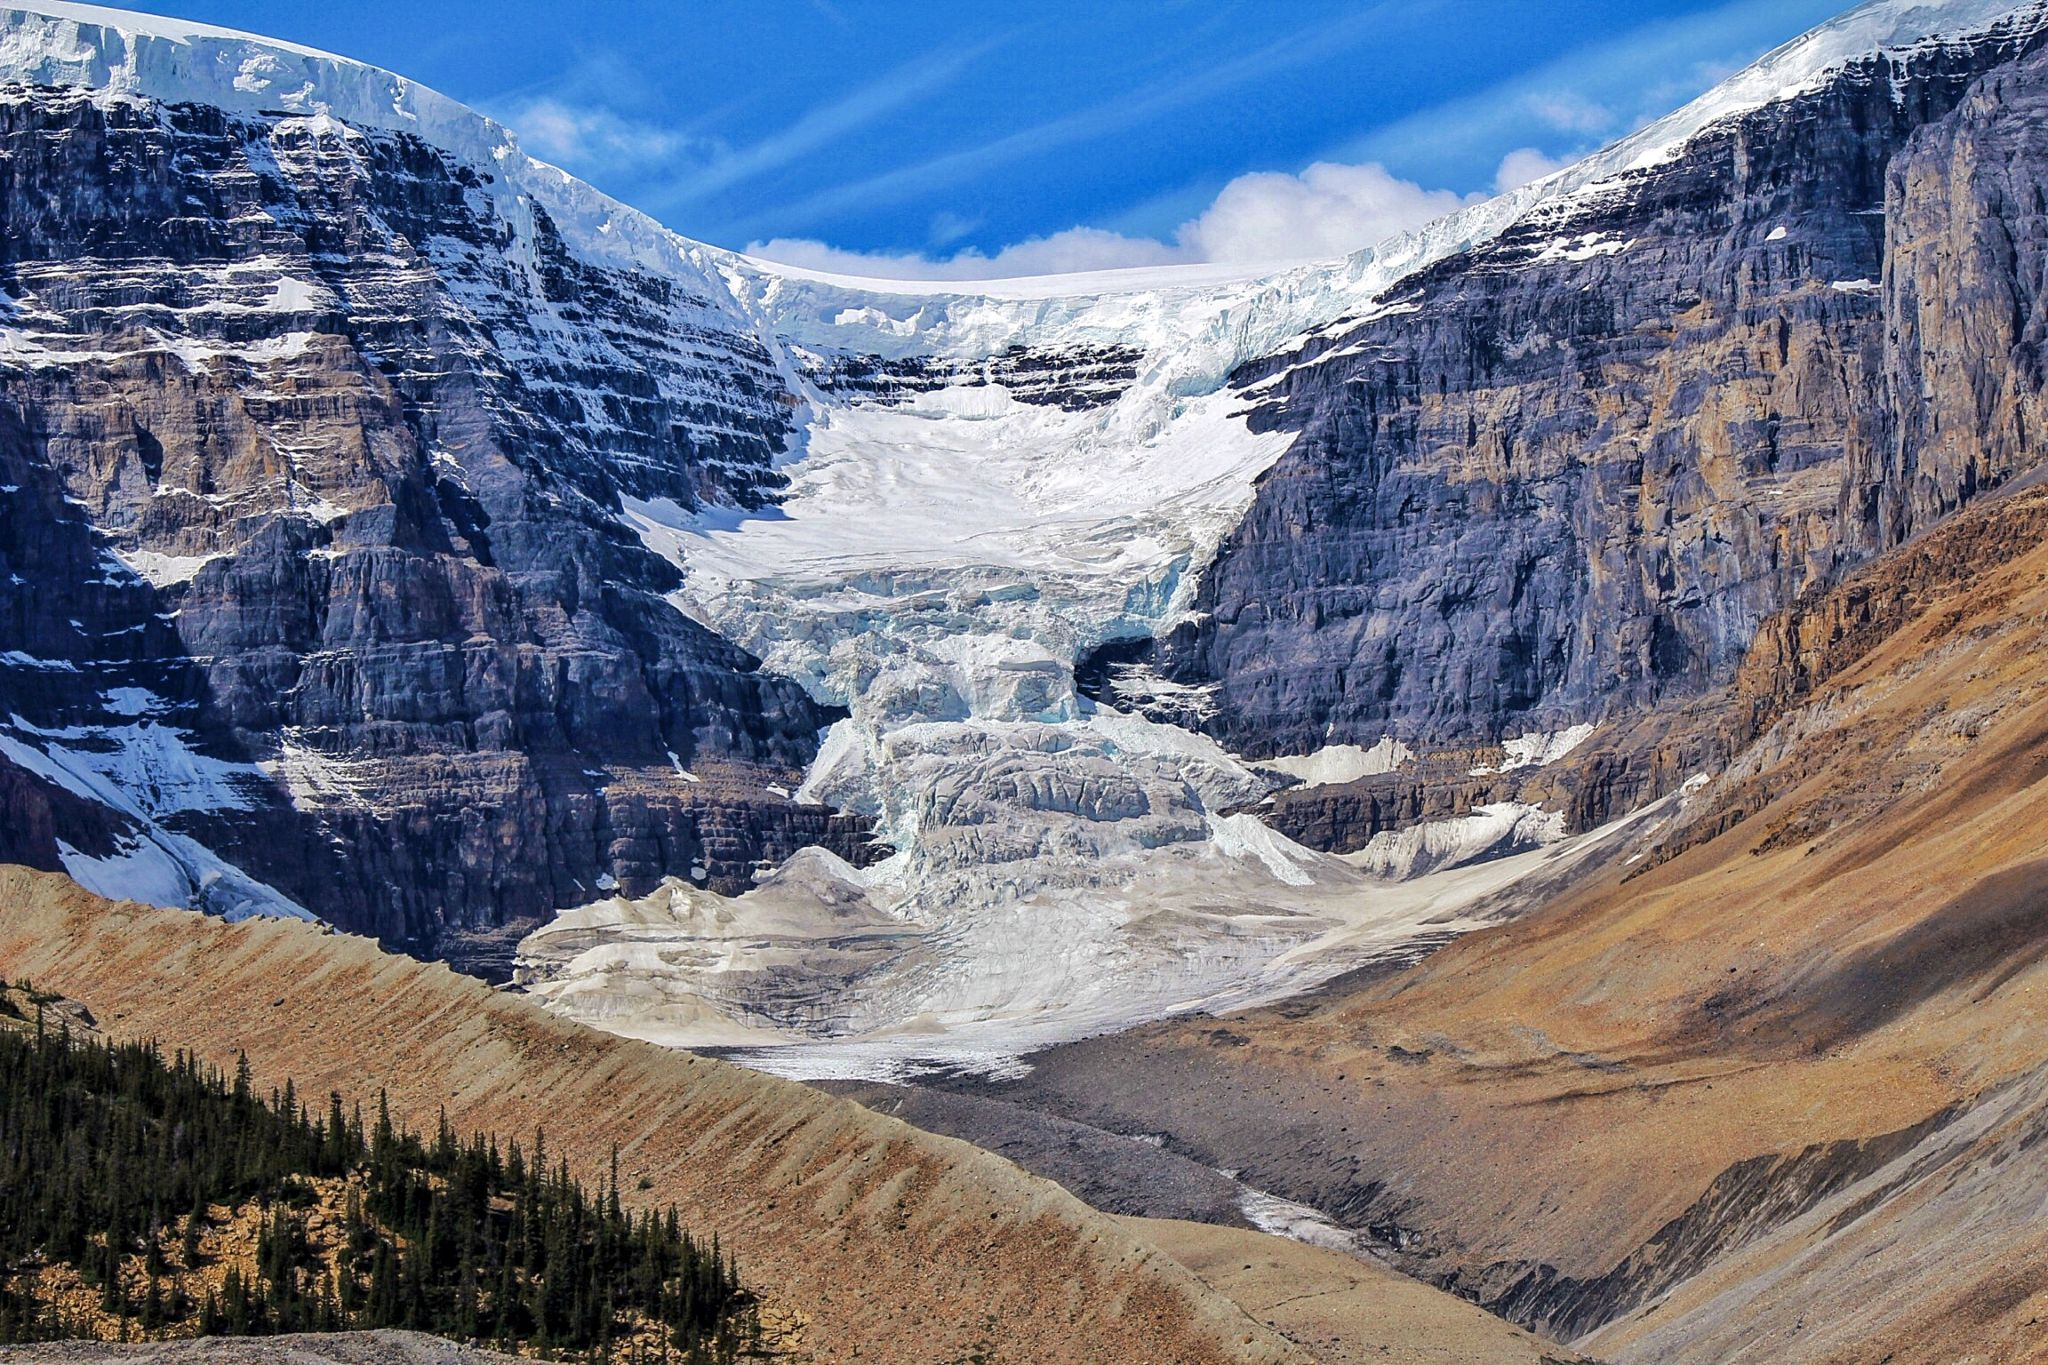 Stutfield Glacier, Canada